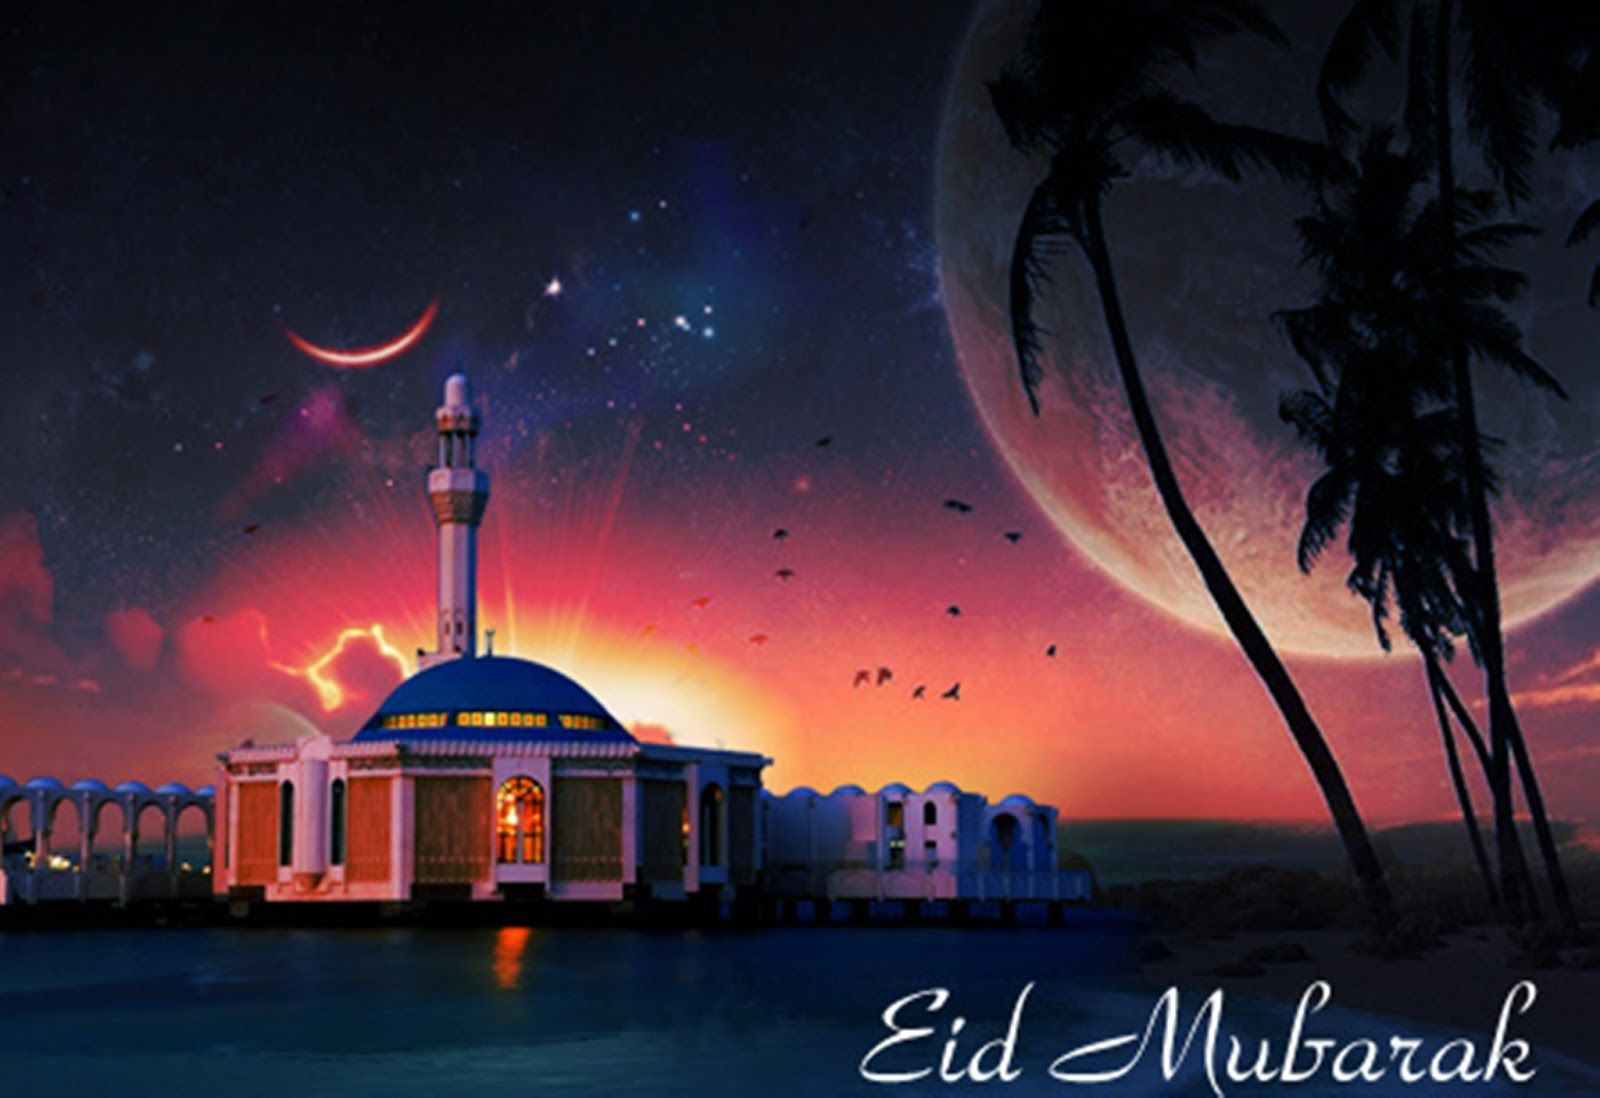 9 hd wallpapers of eid mubarak 2016 happy eid ul adha 2016 9 hd wallpapers of eid mubarak 2016 happy eid ul kristyandbryce Choice Image